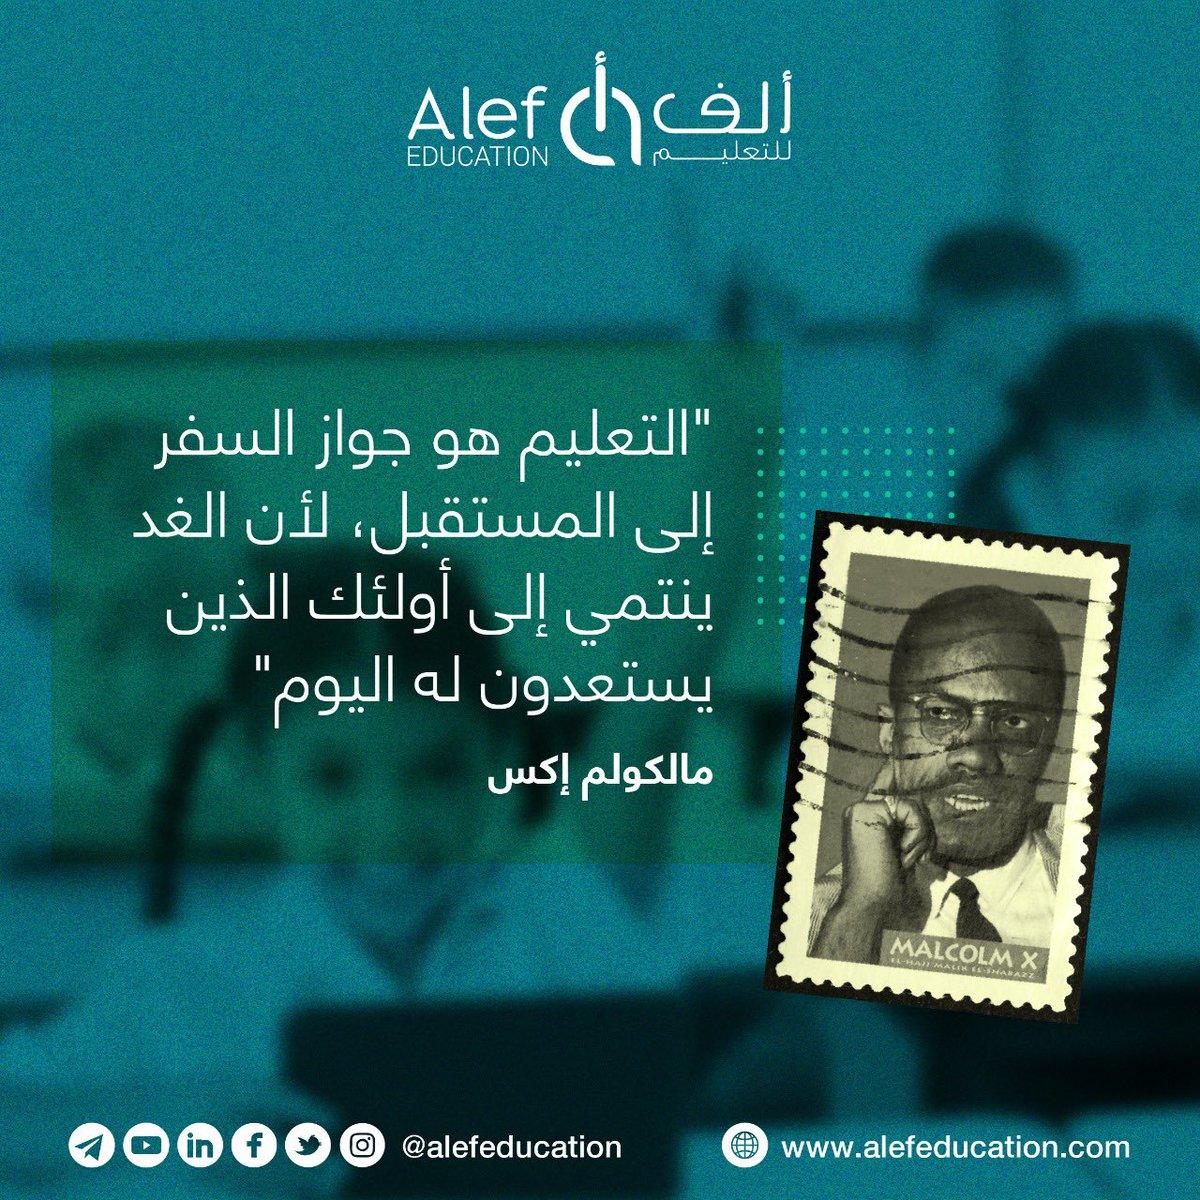 """""""التعليم هو جواز السفر إلى المستقبل ، لأن الغد ينتمي إلى أولئك الذين يستعدون له اليوم"""".  - مالكولم إكس  #التعلم_عن_بعد  #مستمرون_في_التعلم https://t.co/LKQu7G8yIB"""